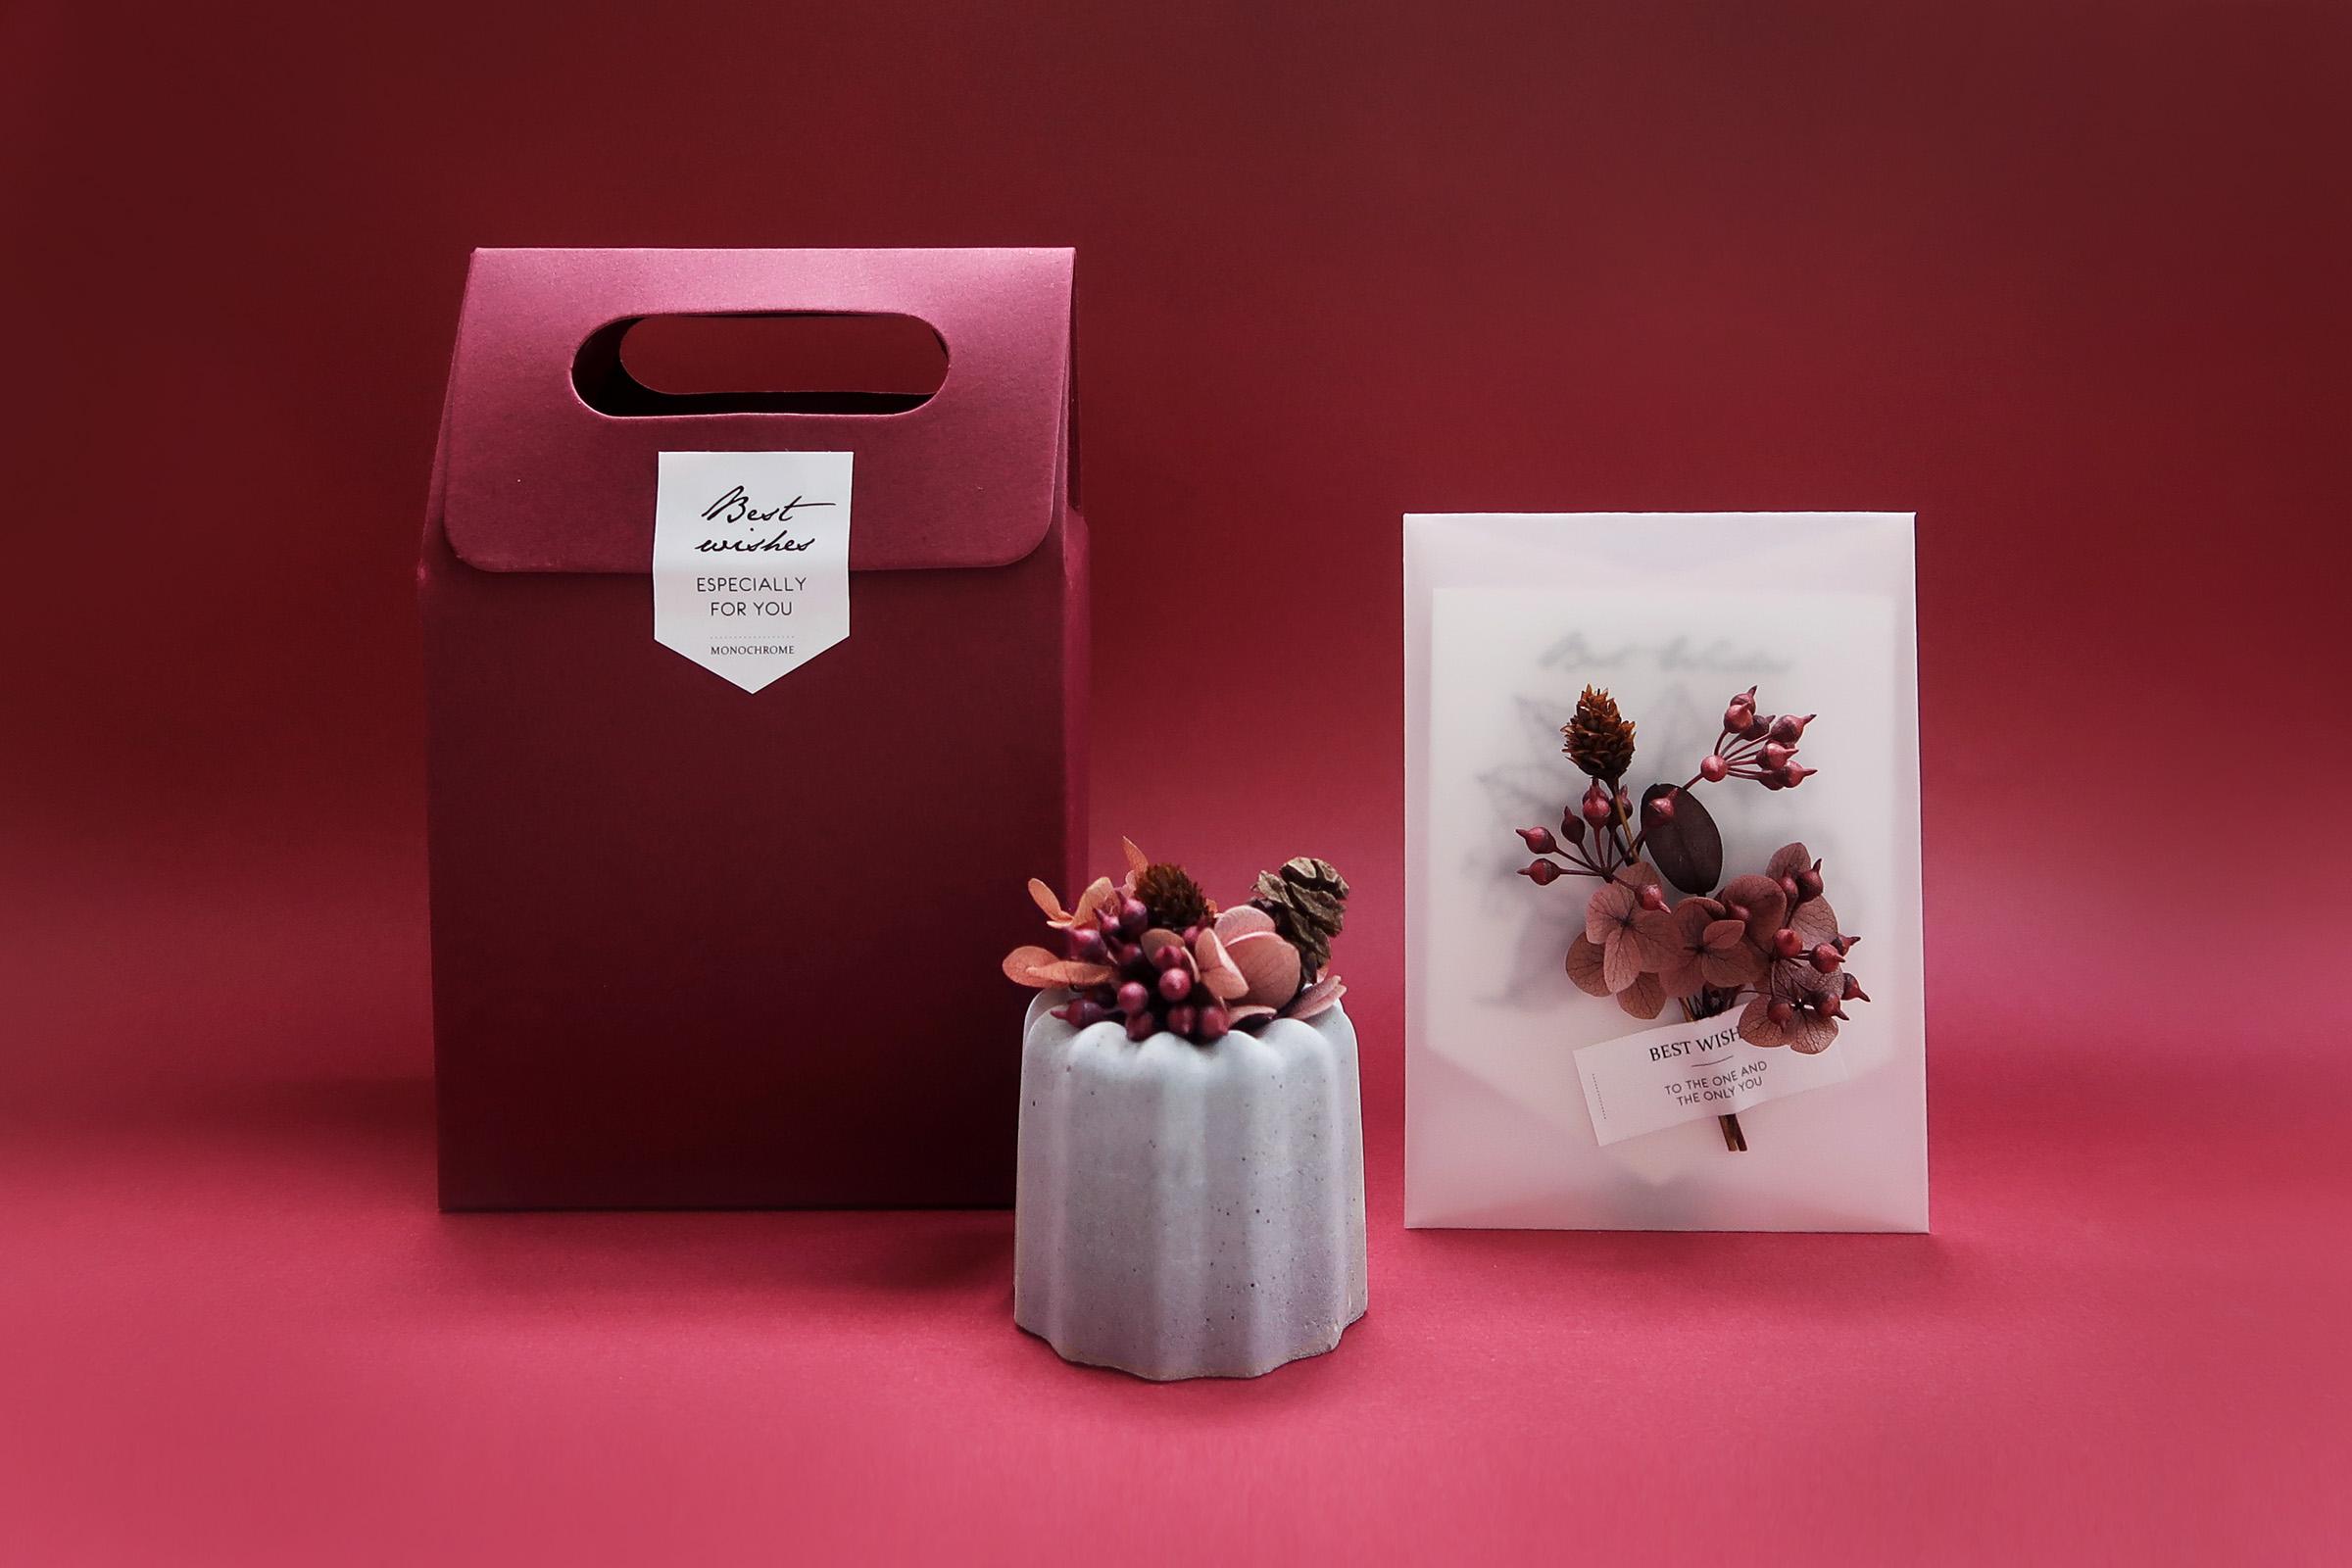 CANELÉ 法式可麗露 / 法式熱吻・乾燥不凋花水泥甜點擴香石禮盒